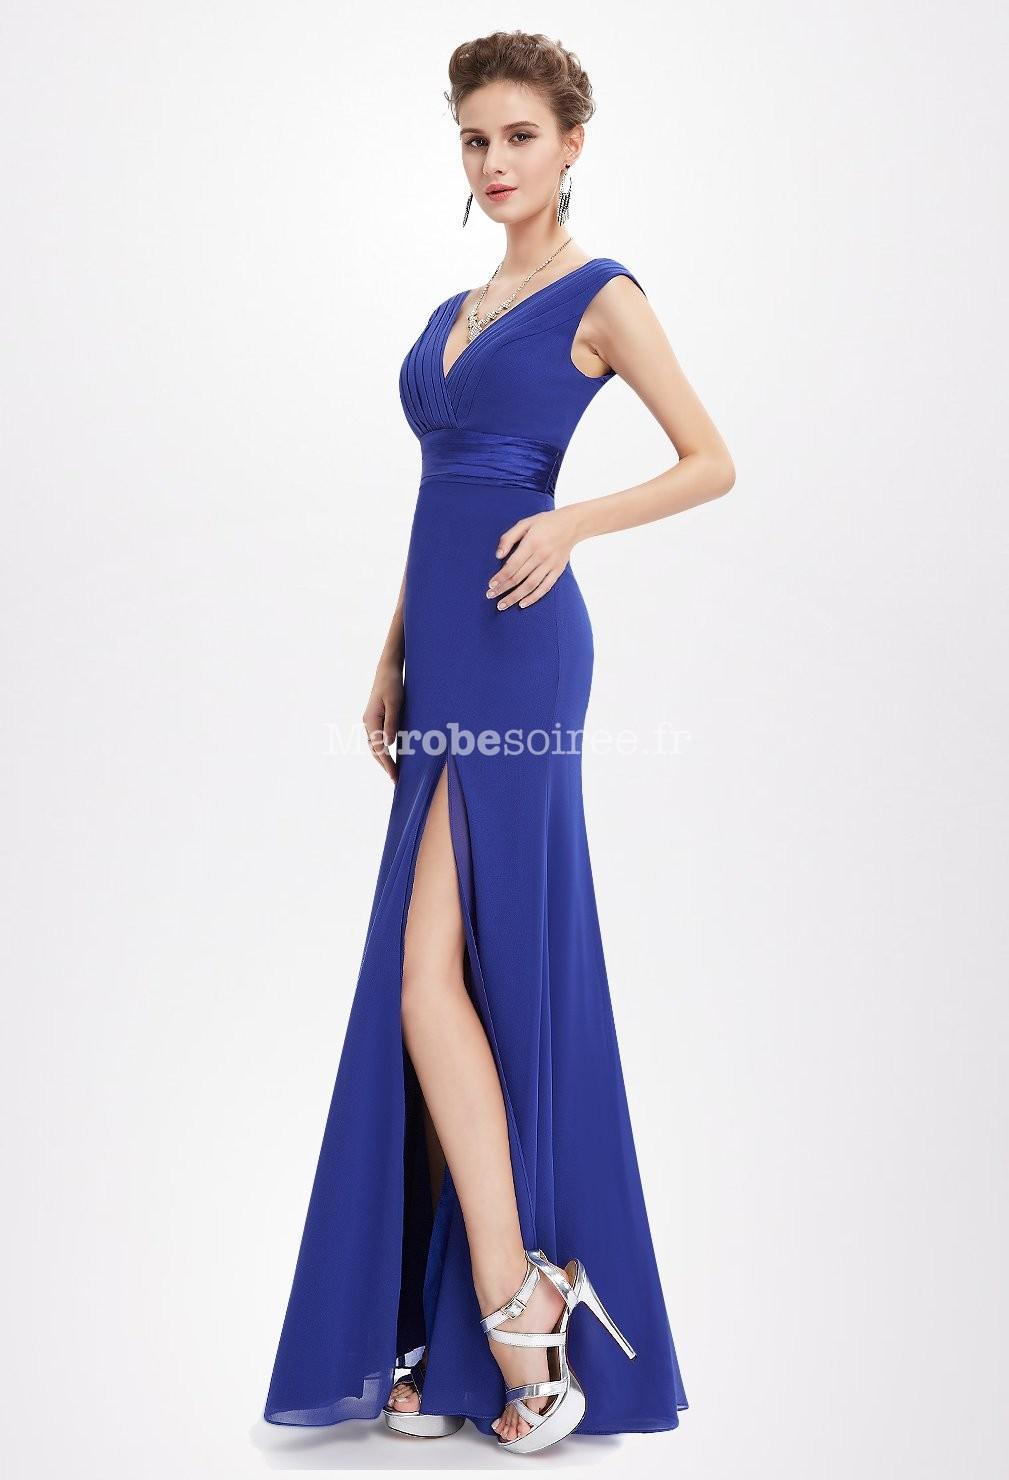 Robe de soiree bleue roi